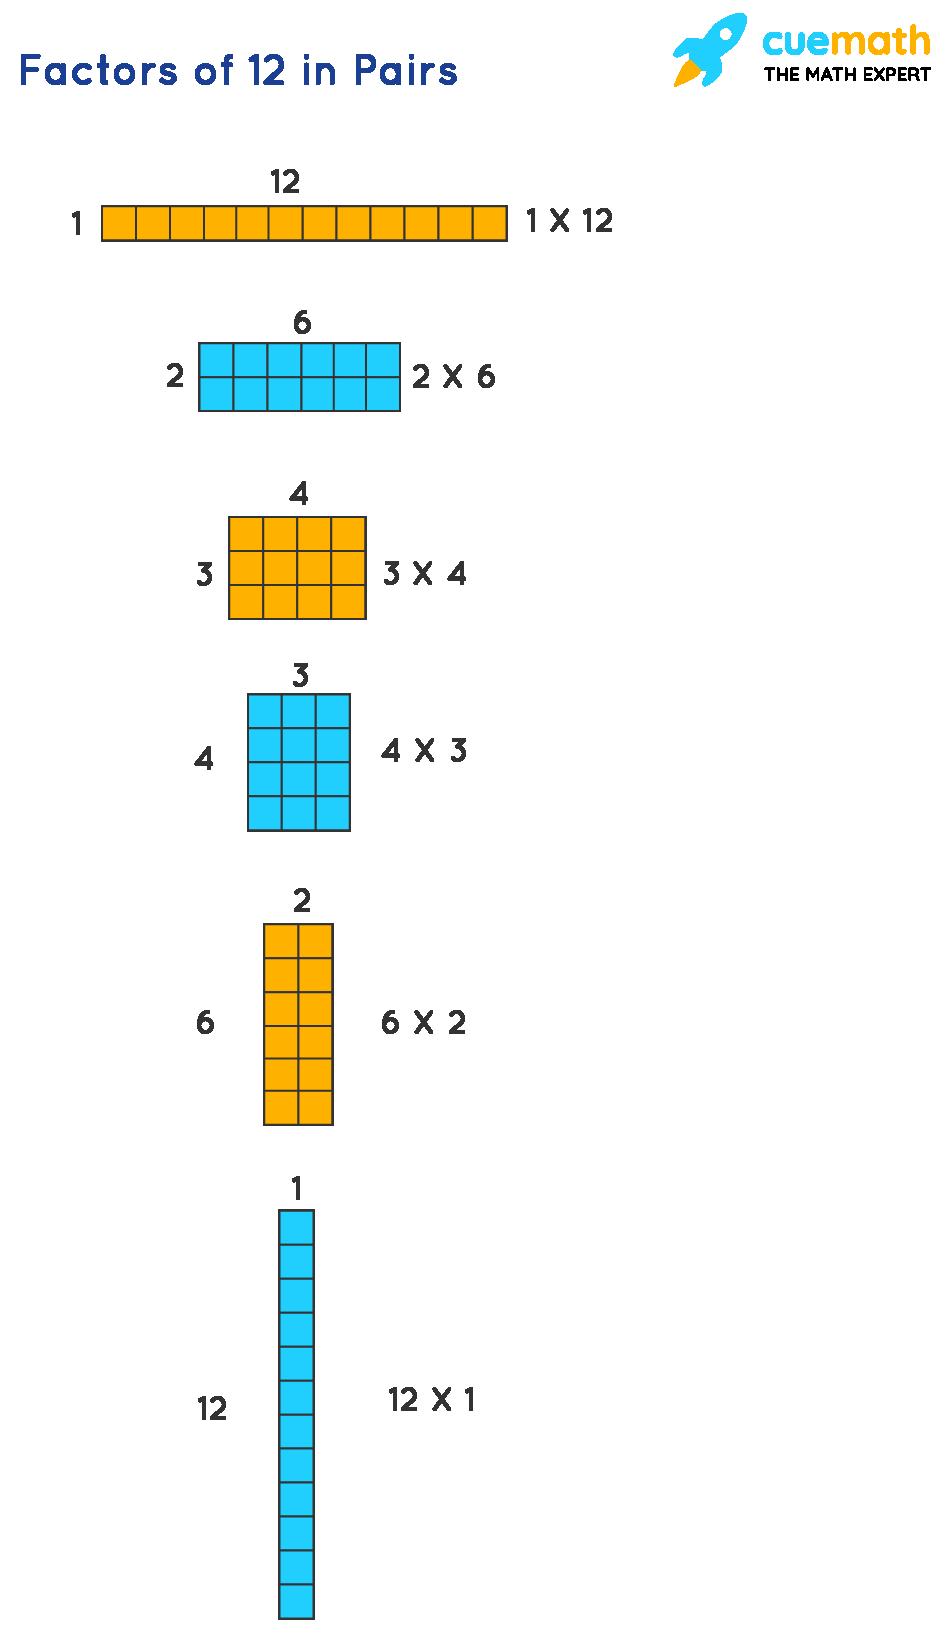 Factors of 12 in Pairs